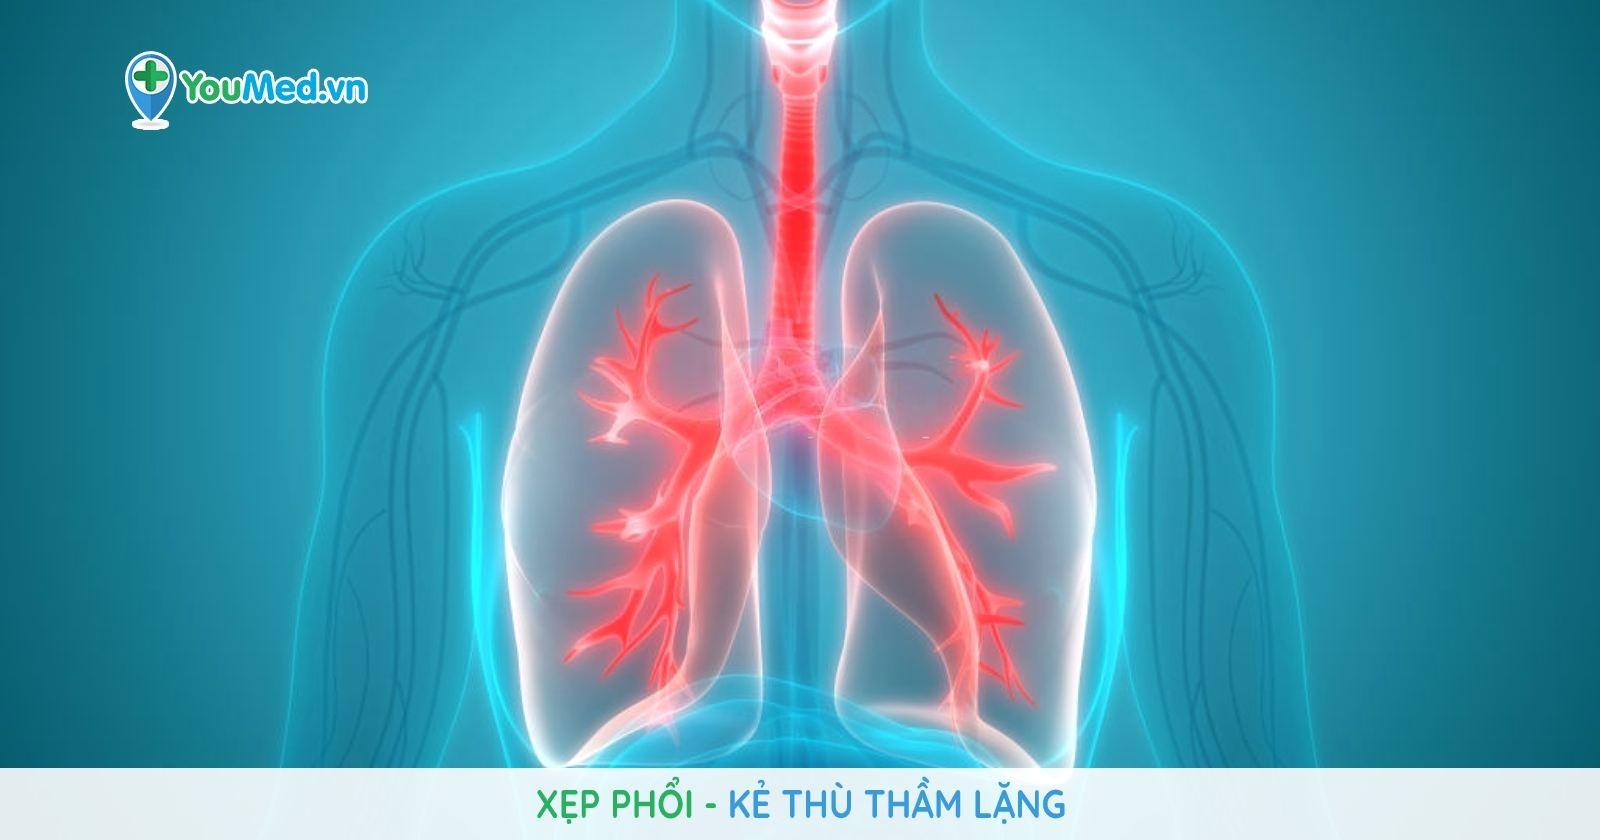 Xẹp phổi: Kẻ thù thầm lặng